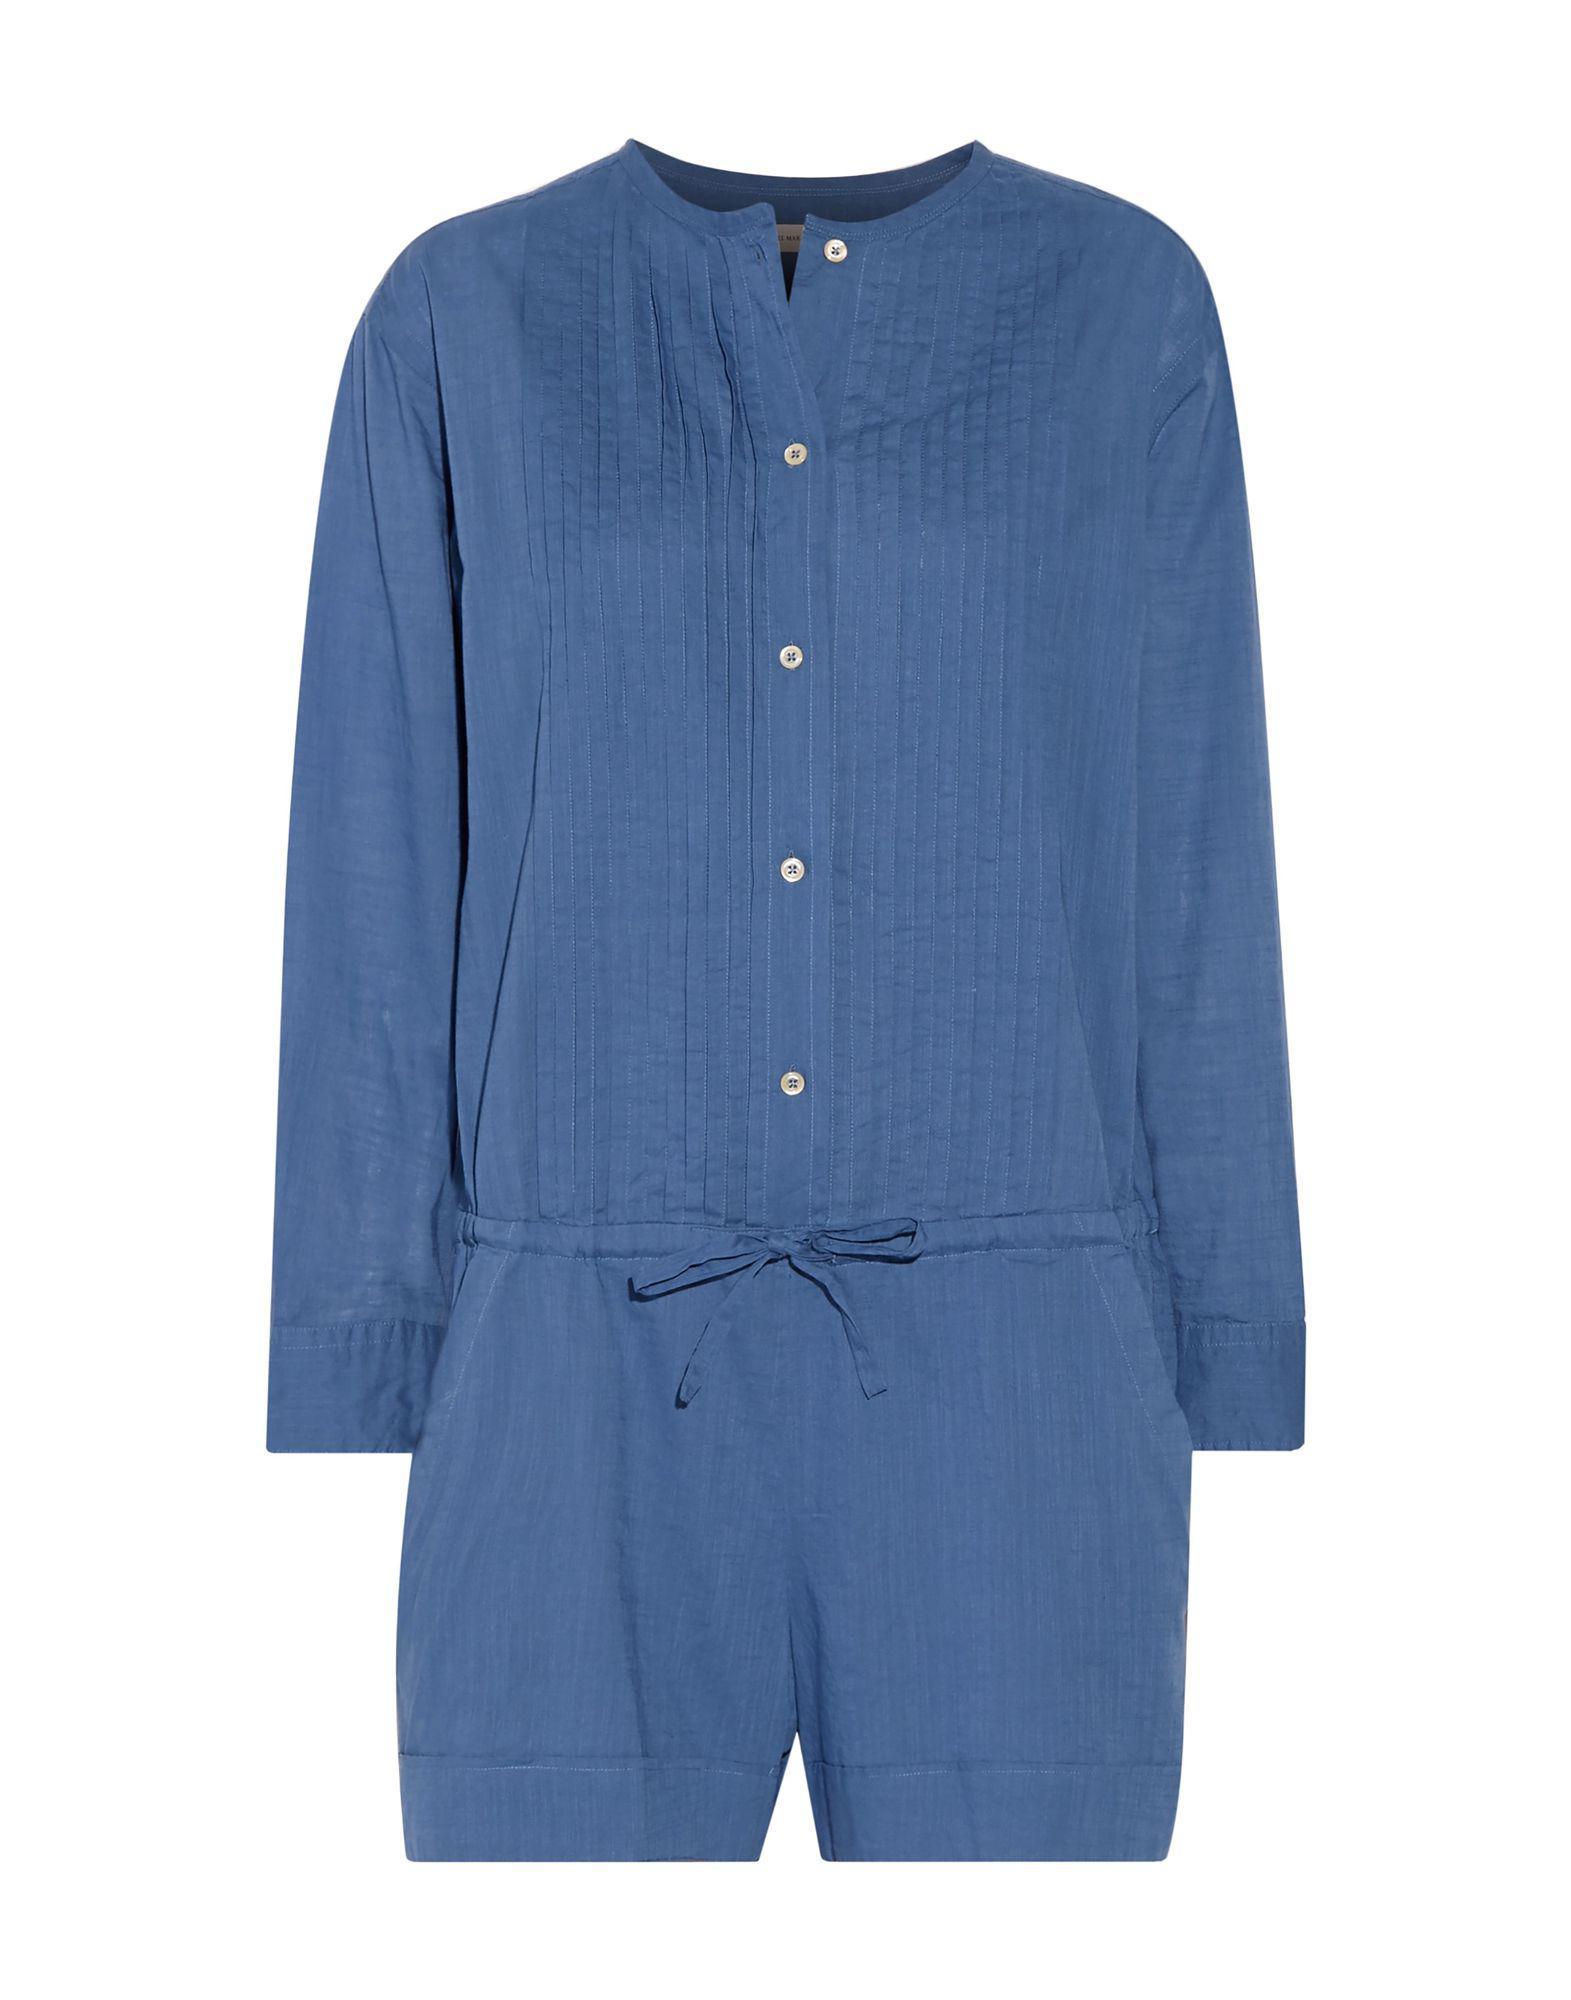 bbb7da0888 Lyst - Étoile Isabel Marant Jumpsuit in Blue